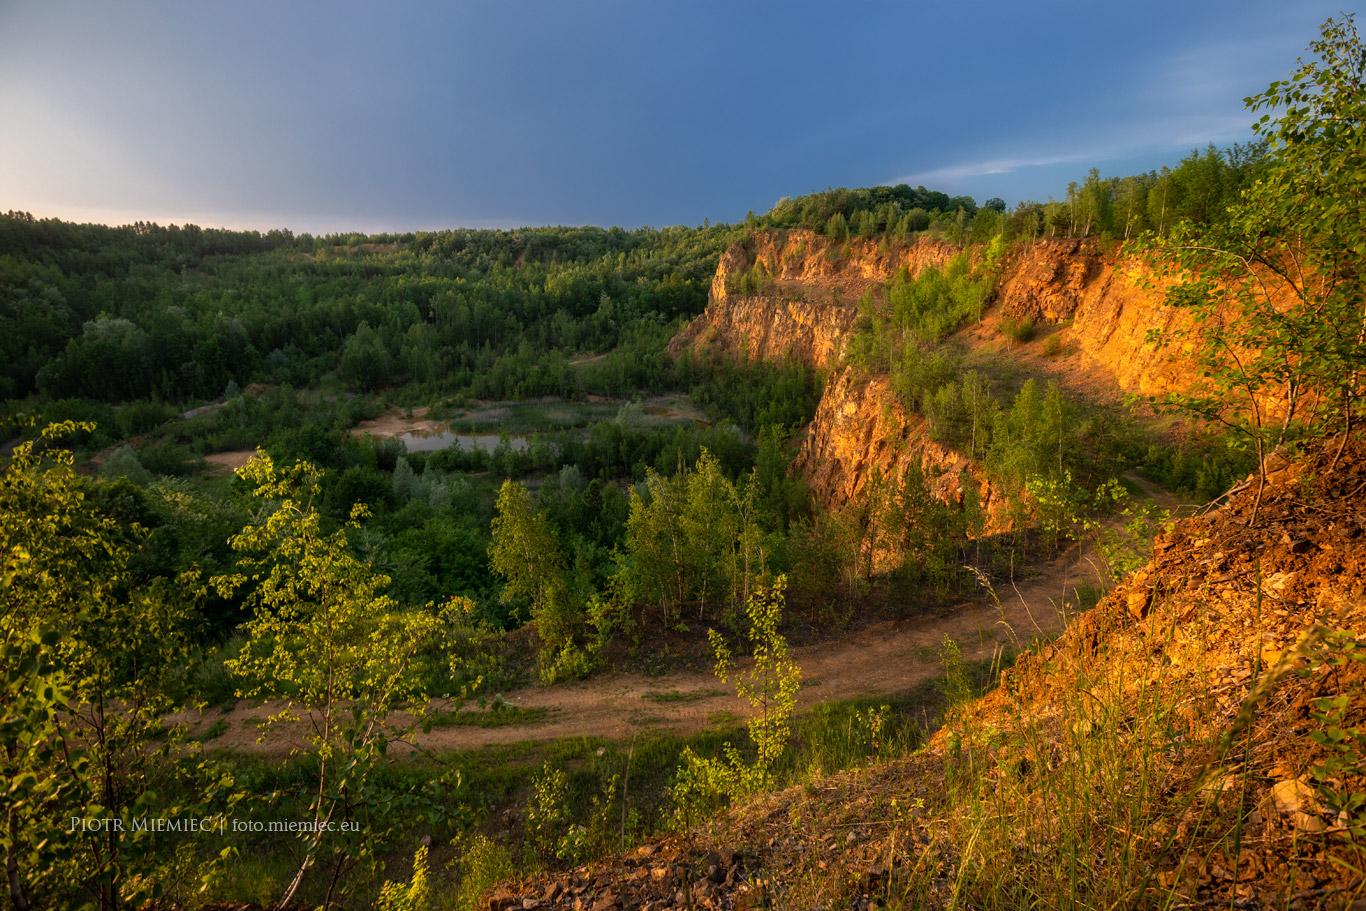 Kamieniołom Bobrowniki - Wielki Kanion Tarnogórski